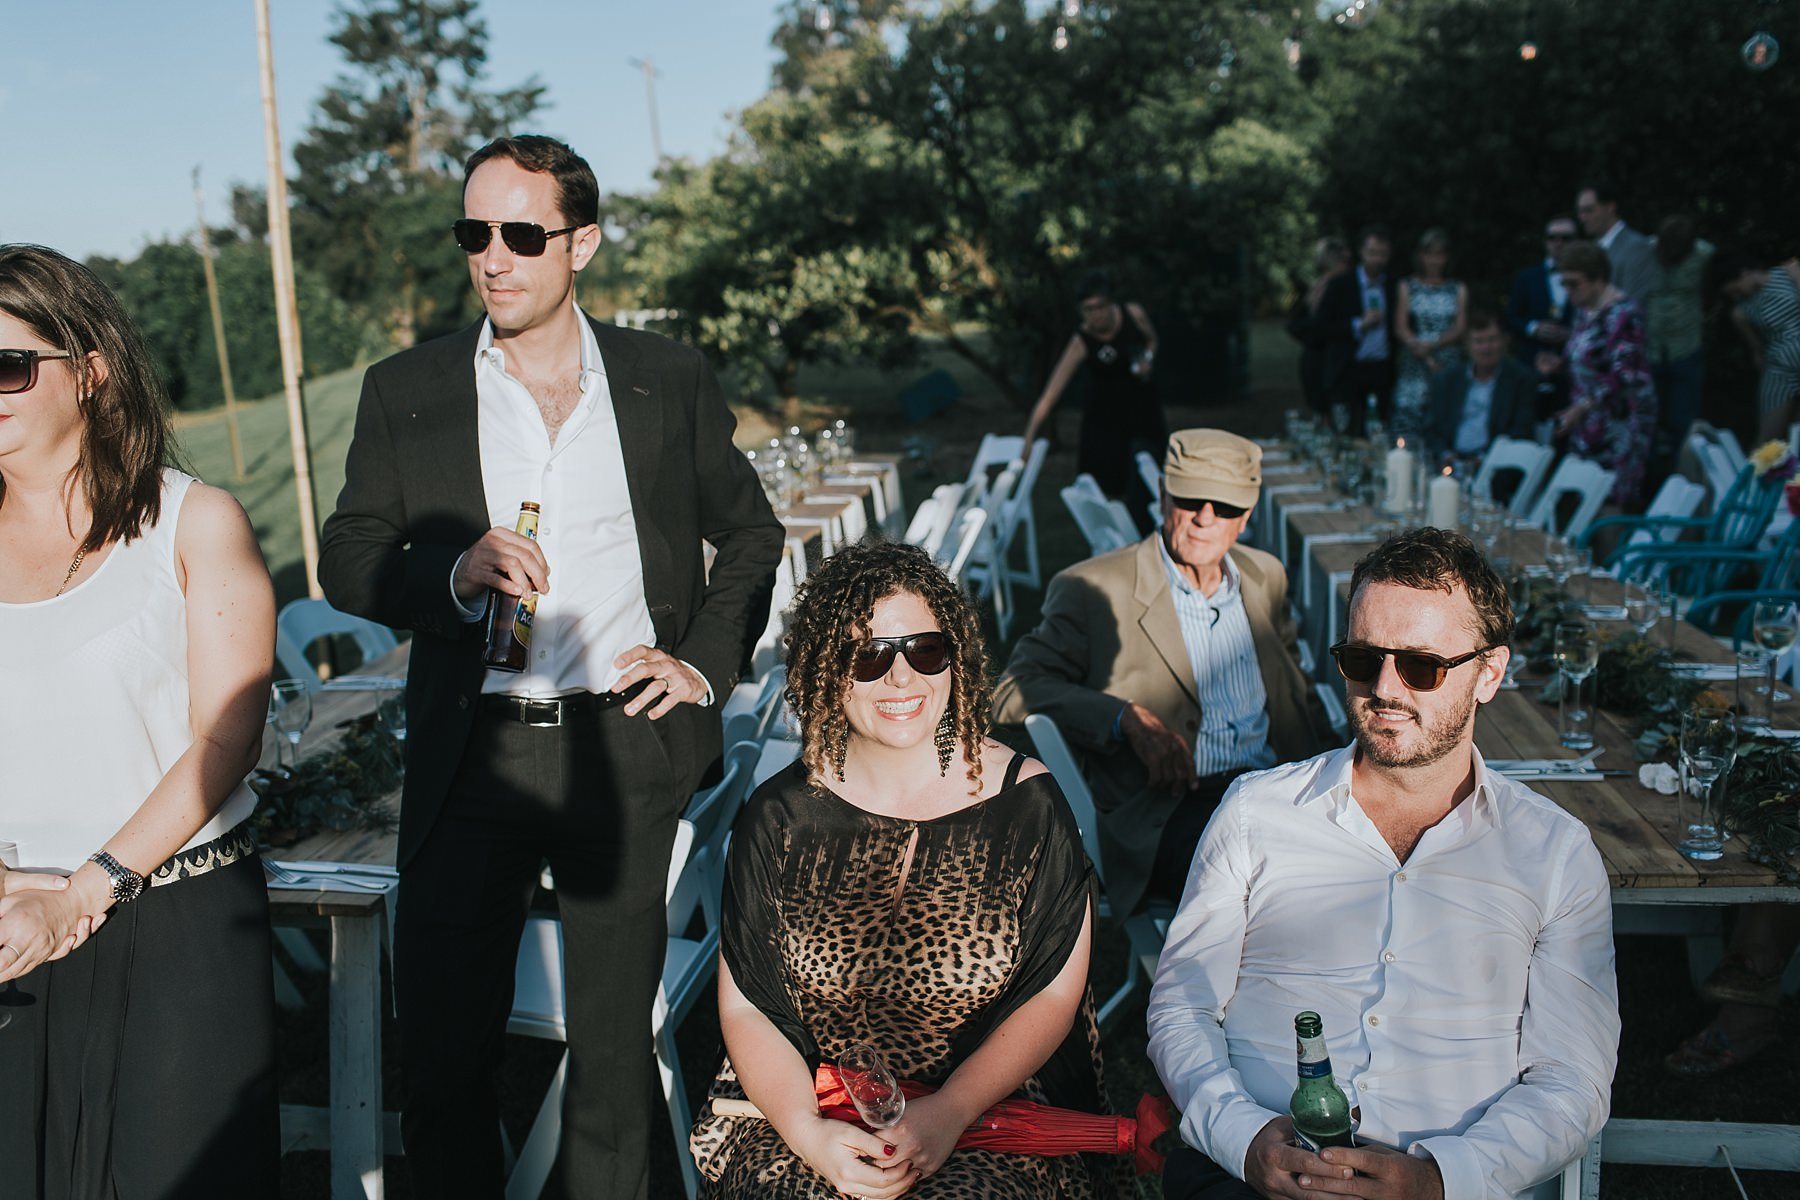 wedding photos at cornwallis house by jonathan david